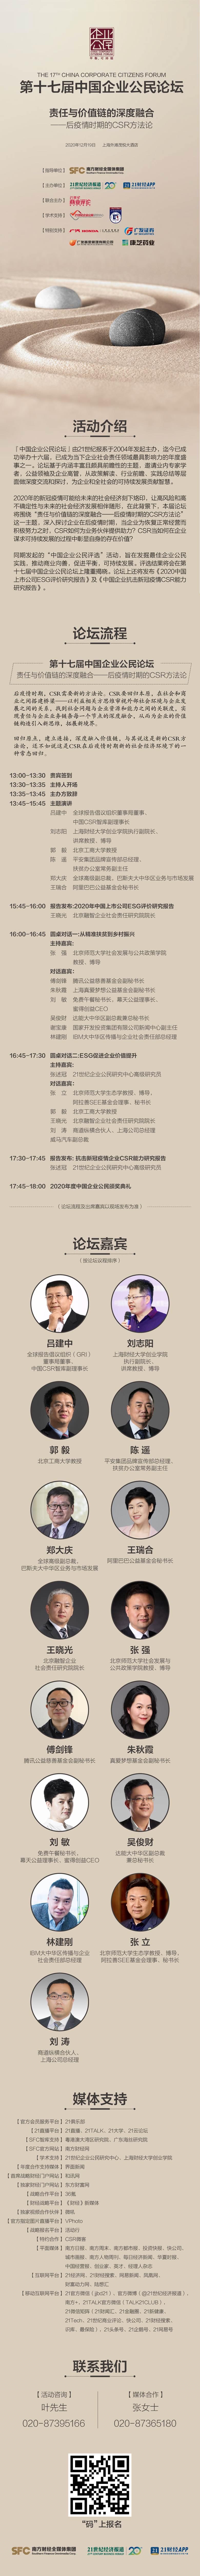 企业公民论坛长图1211.jpg